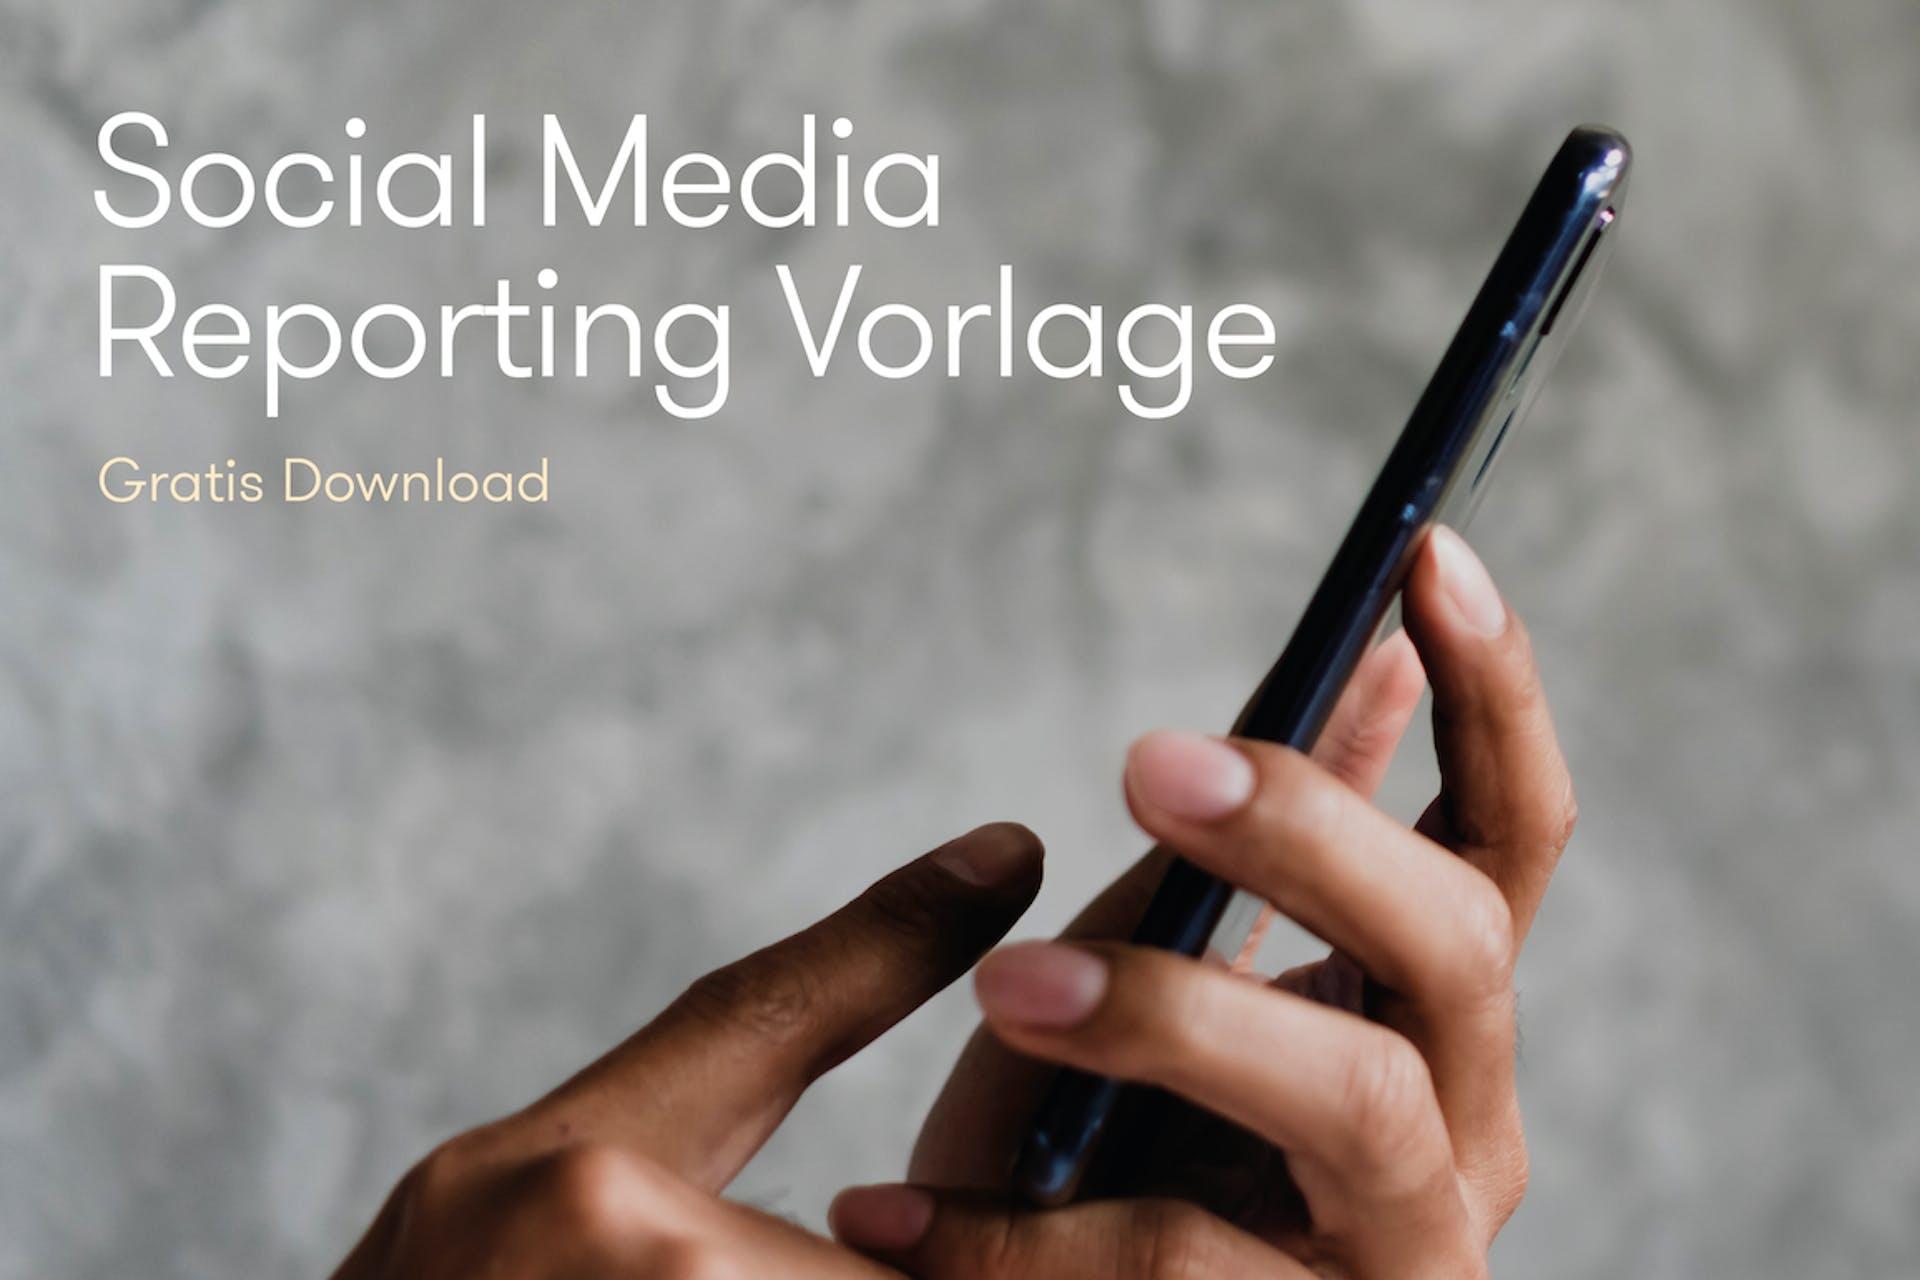 Social Media Reporting Vorlage